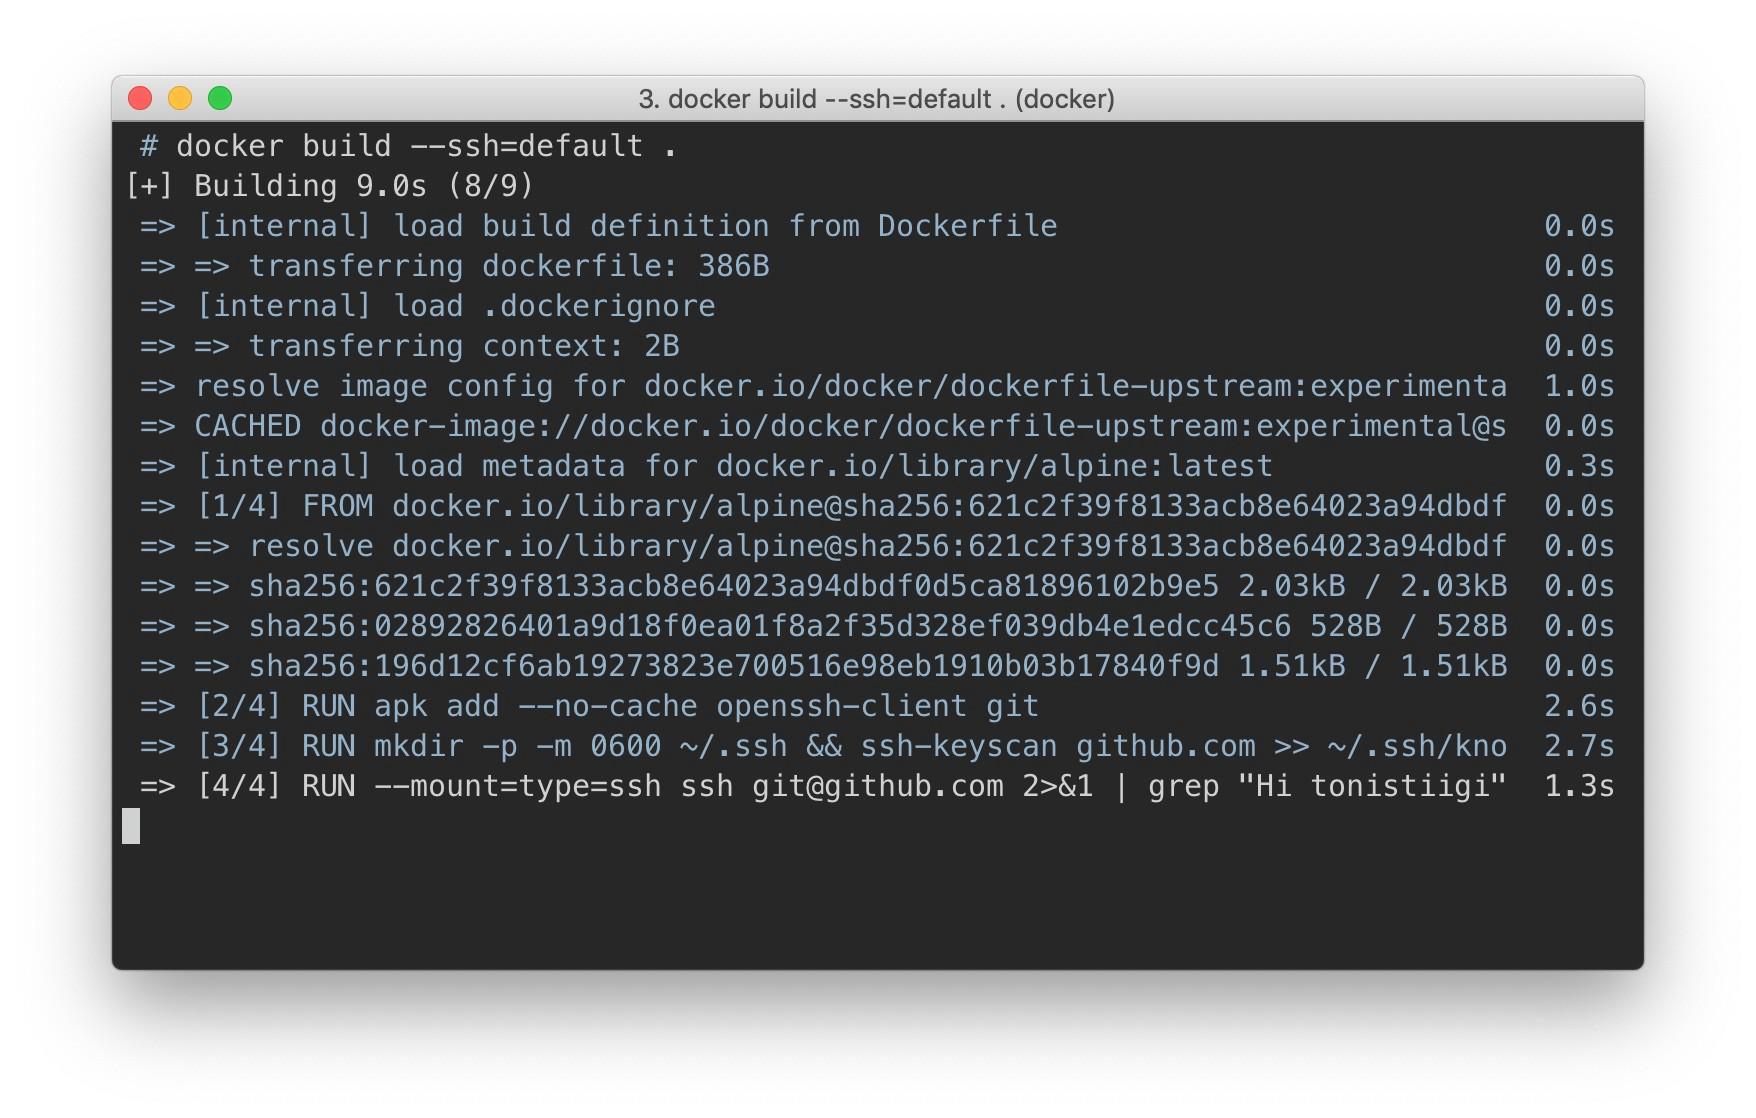 Секреты сборки и пересылка SSH в Docker 18.09